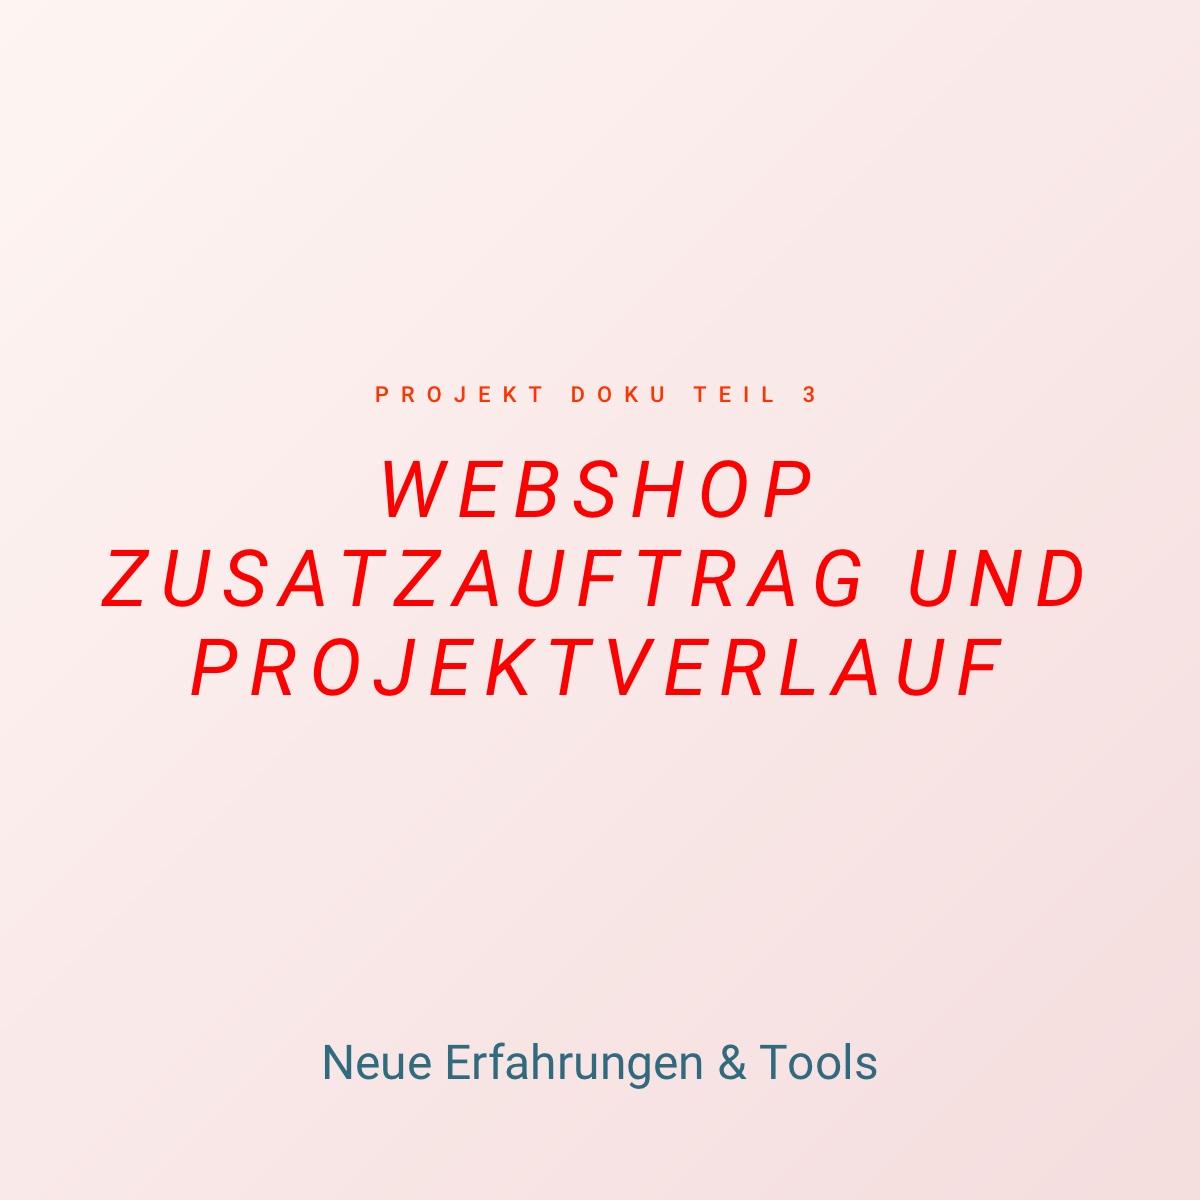 Webshop Zusatzauftrag, Projektverlauf, Tools und Erfahrungen - Doku 4